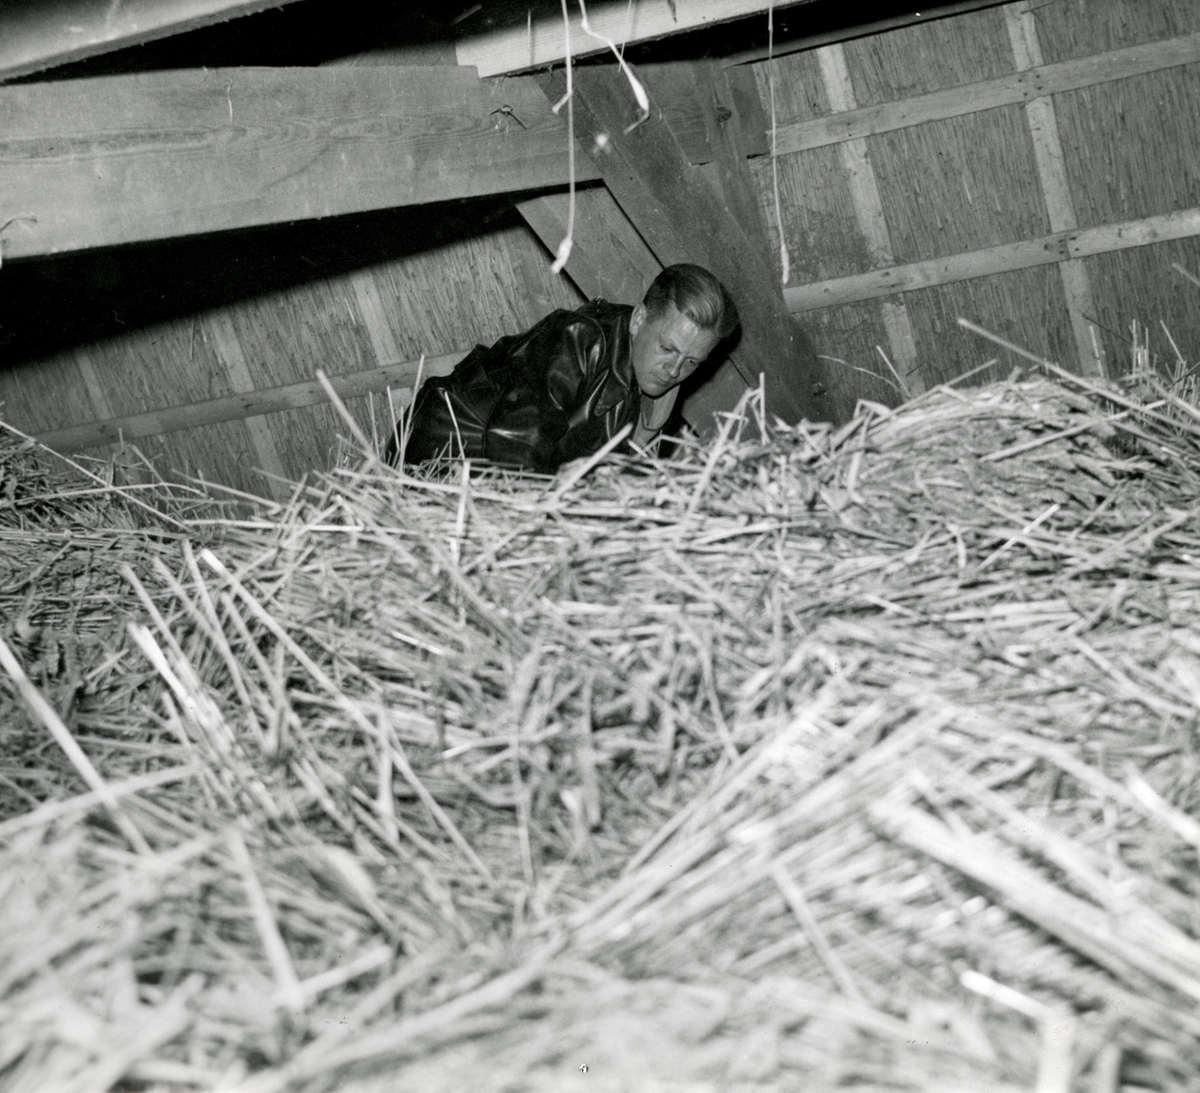 Tweede wereldoorlog een man controleert de hooizolder zonder plaats 1941 geheugen van - Klein kamermeisje ...